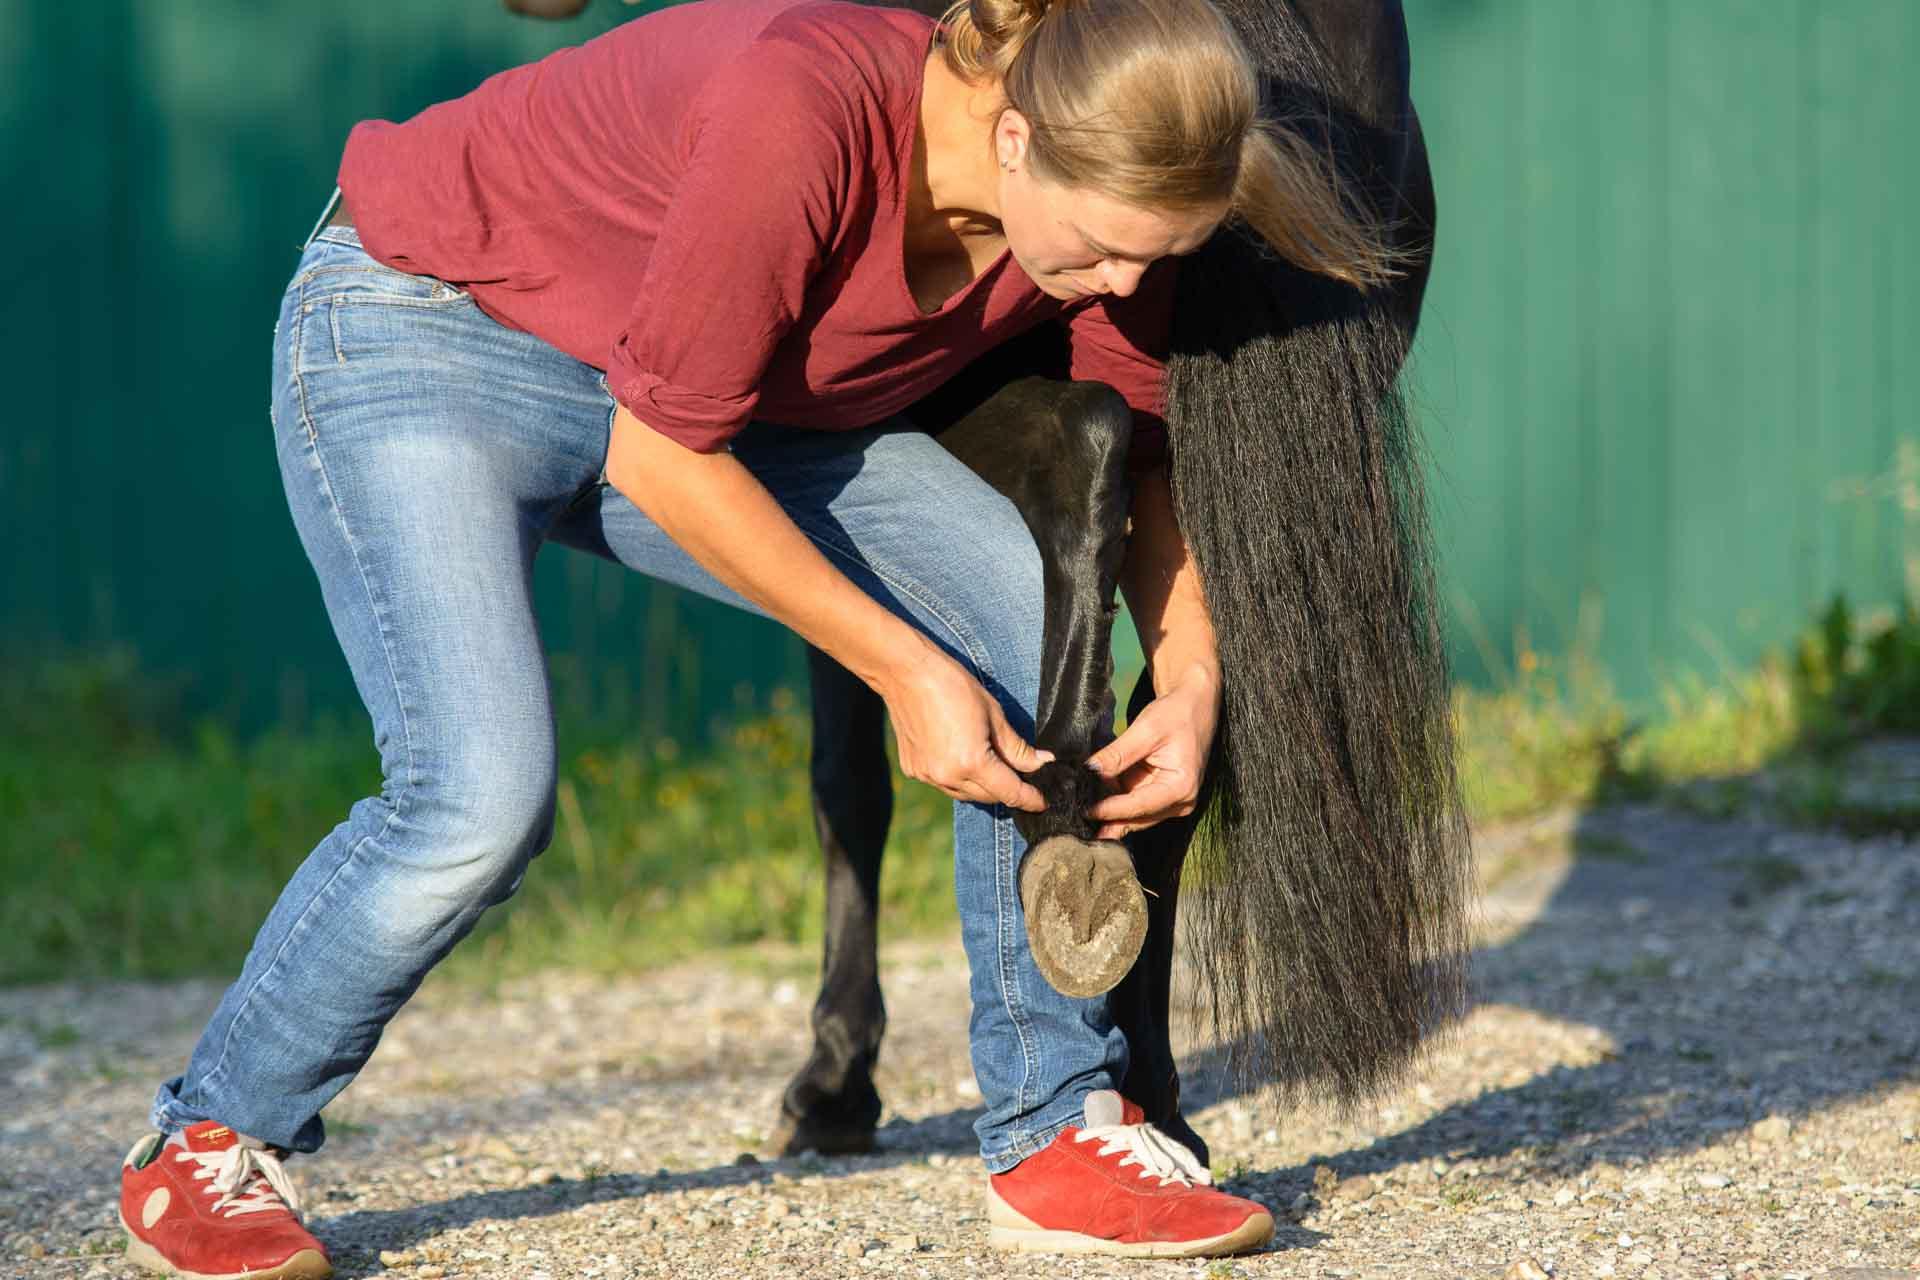 Jacqueline Hunderlage (zukünftig Lund), Tierärztin - Mobile tierärztliche Chiropraxis für Plön und Umgebung